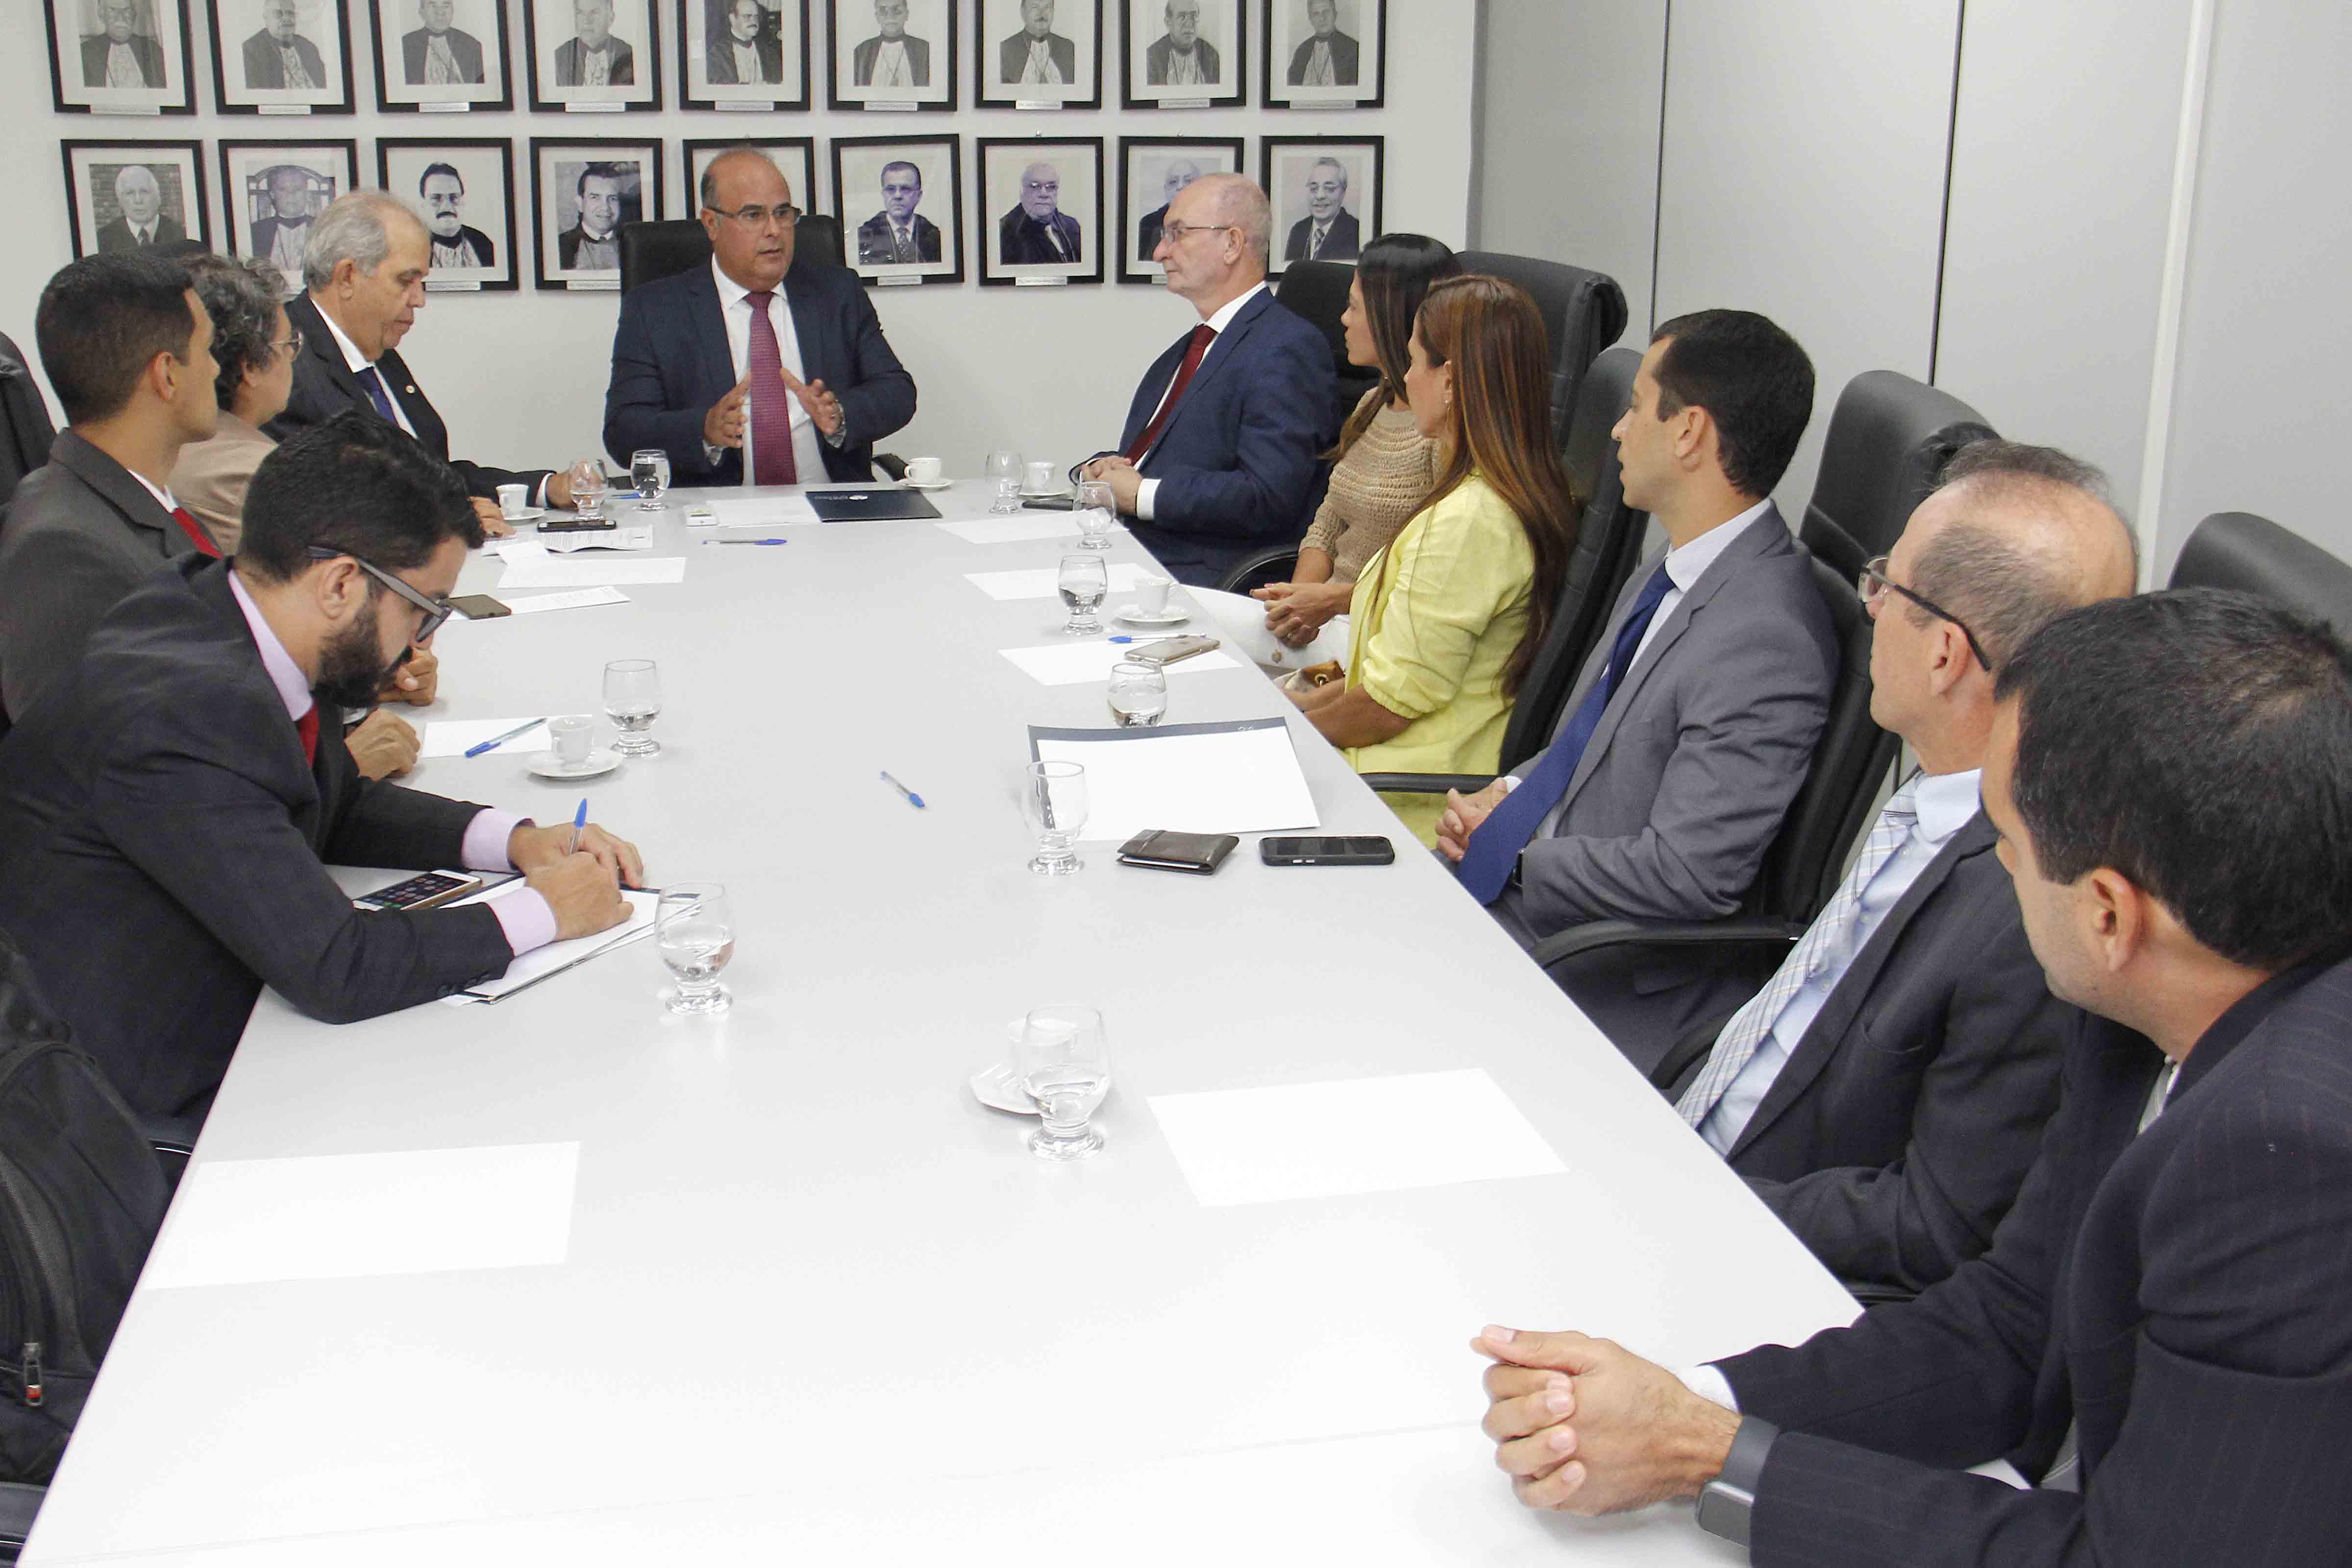 Reunião aconteceu no prédio da CGJ/AL, no bairro Prado, em Maceió. Foto: Itawi Albuquerque